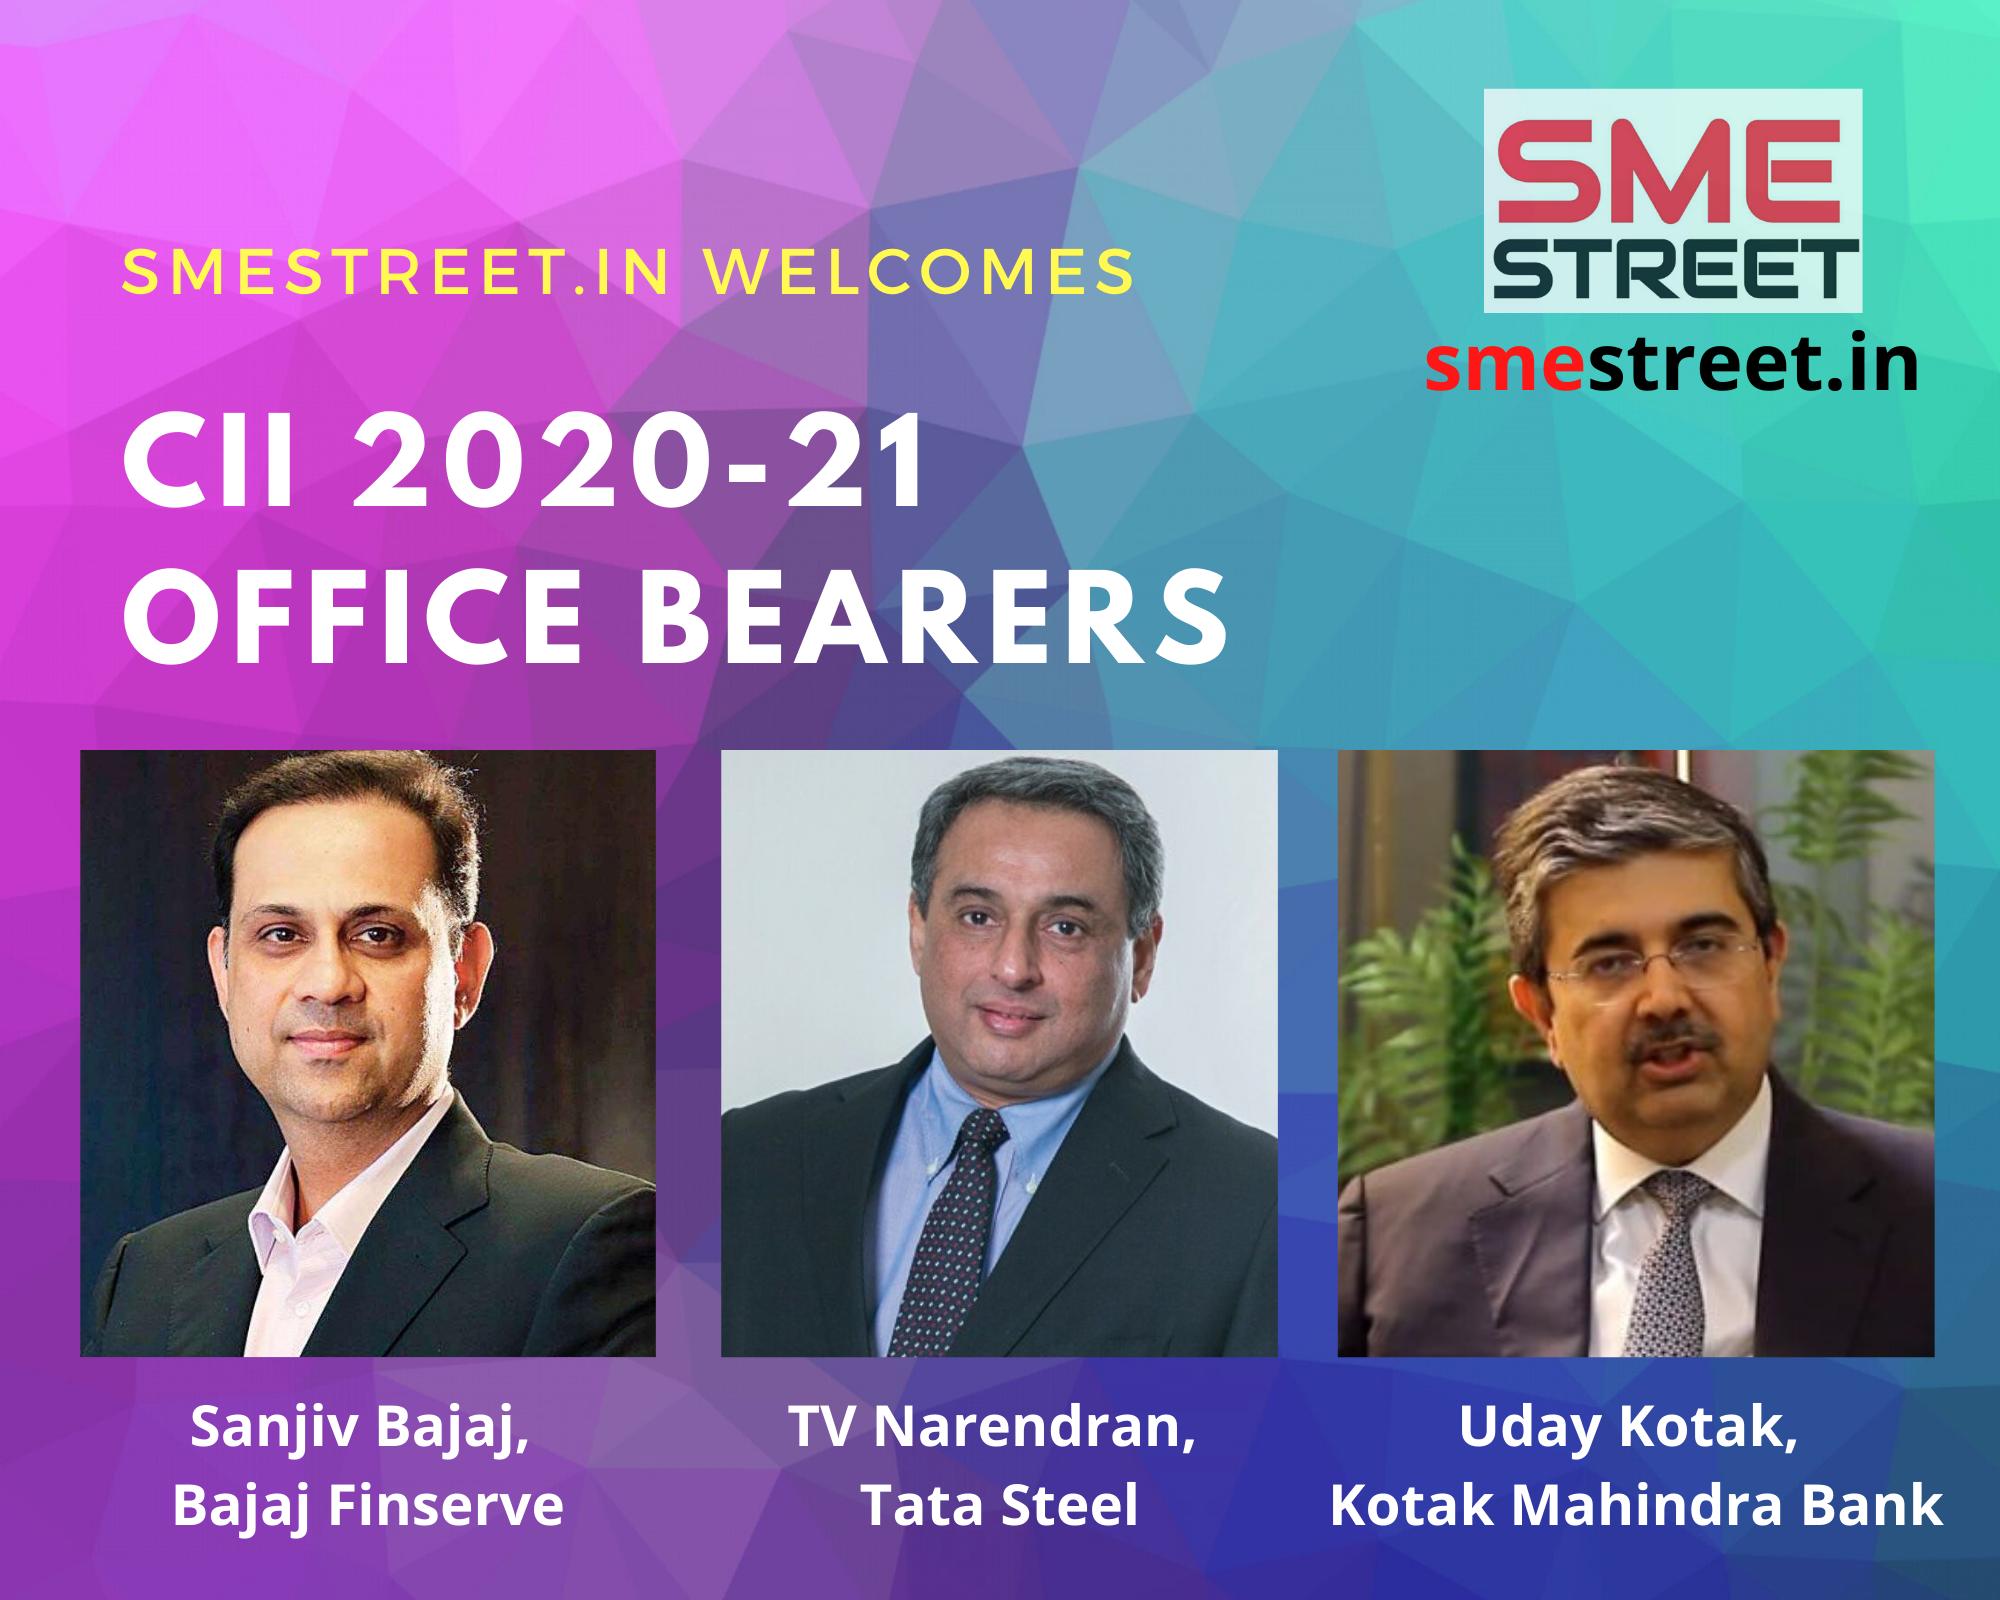 CII New Team, SMESTreet